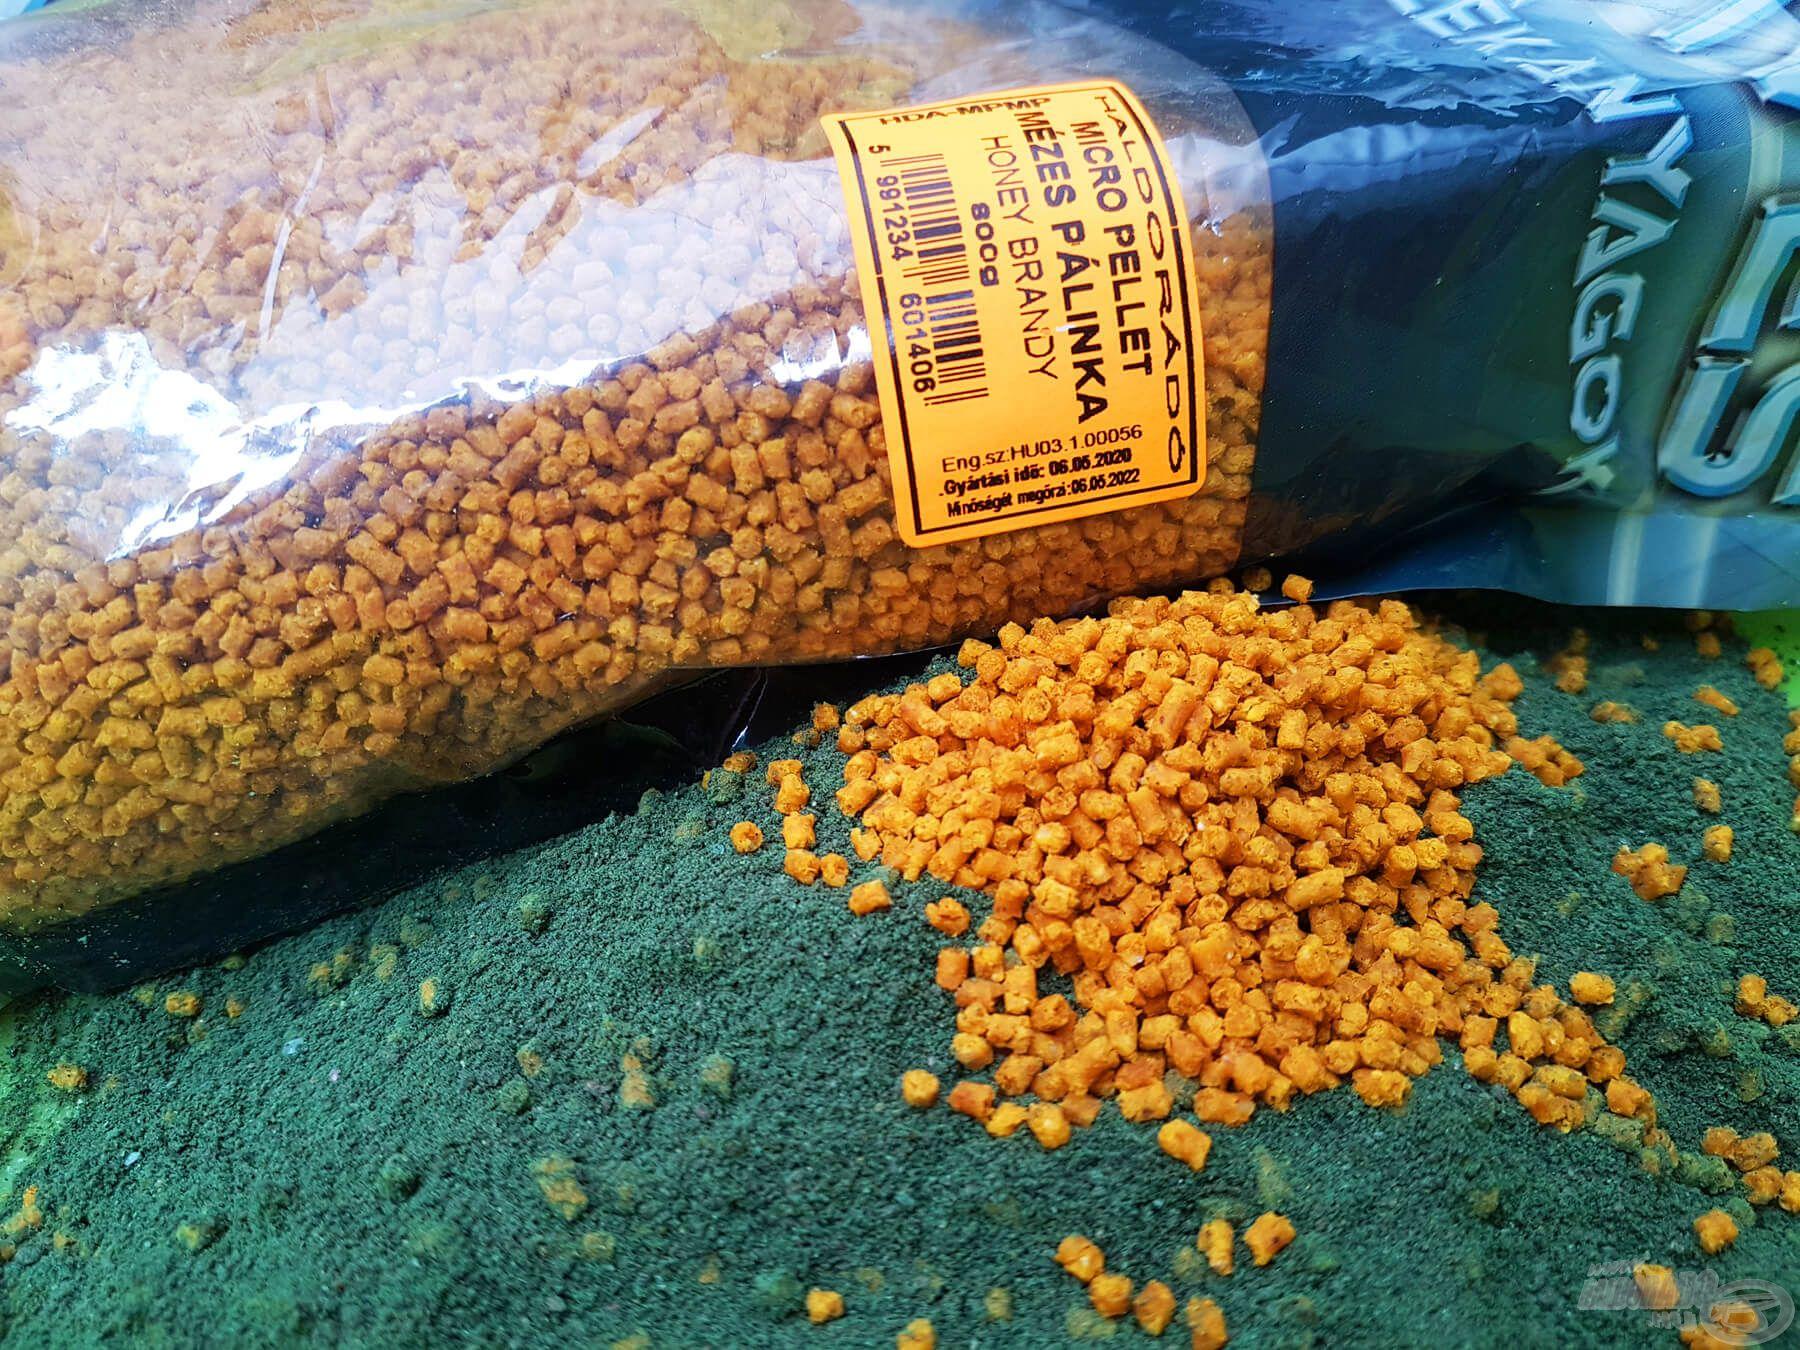 Késő őszi időszakokban a Maximum Green finomszemcsés, halas kaja édes mikropellet hozzáadásával (szárazon hagyva) igazán fogós párost alkot